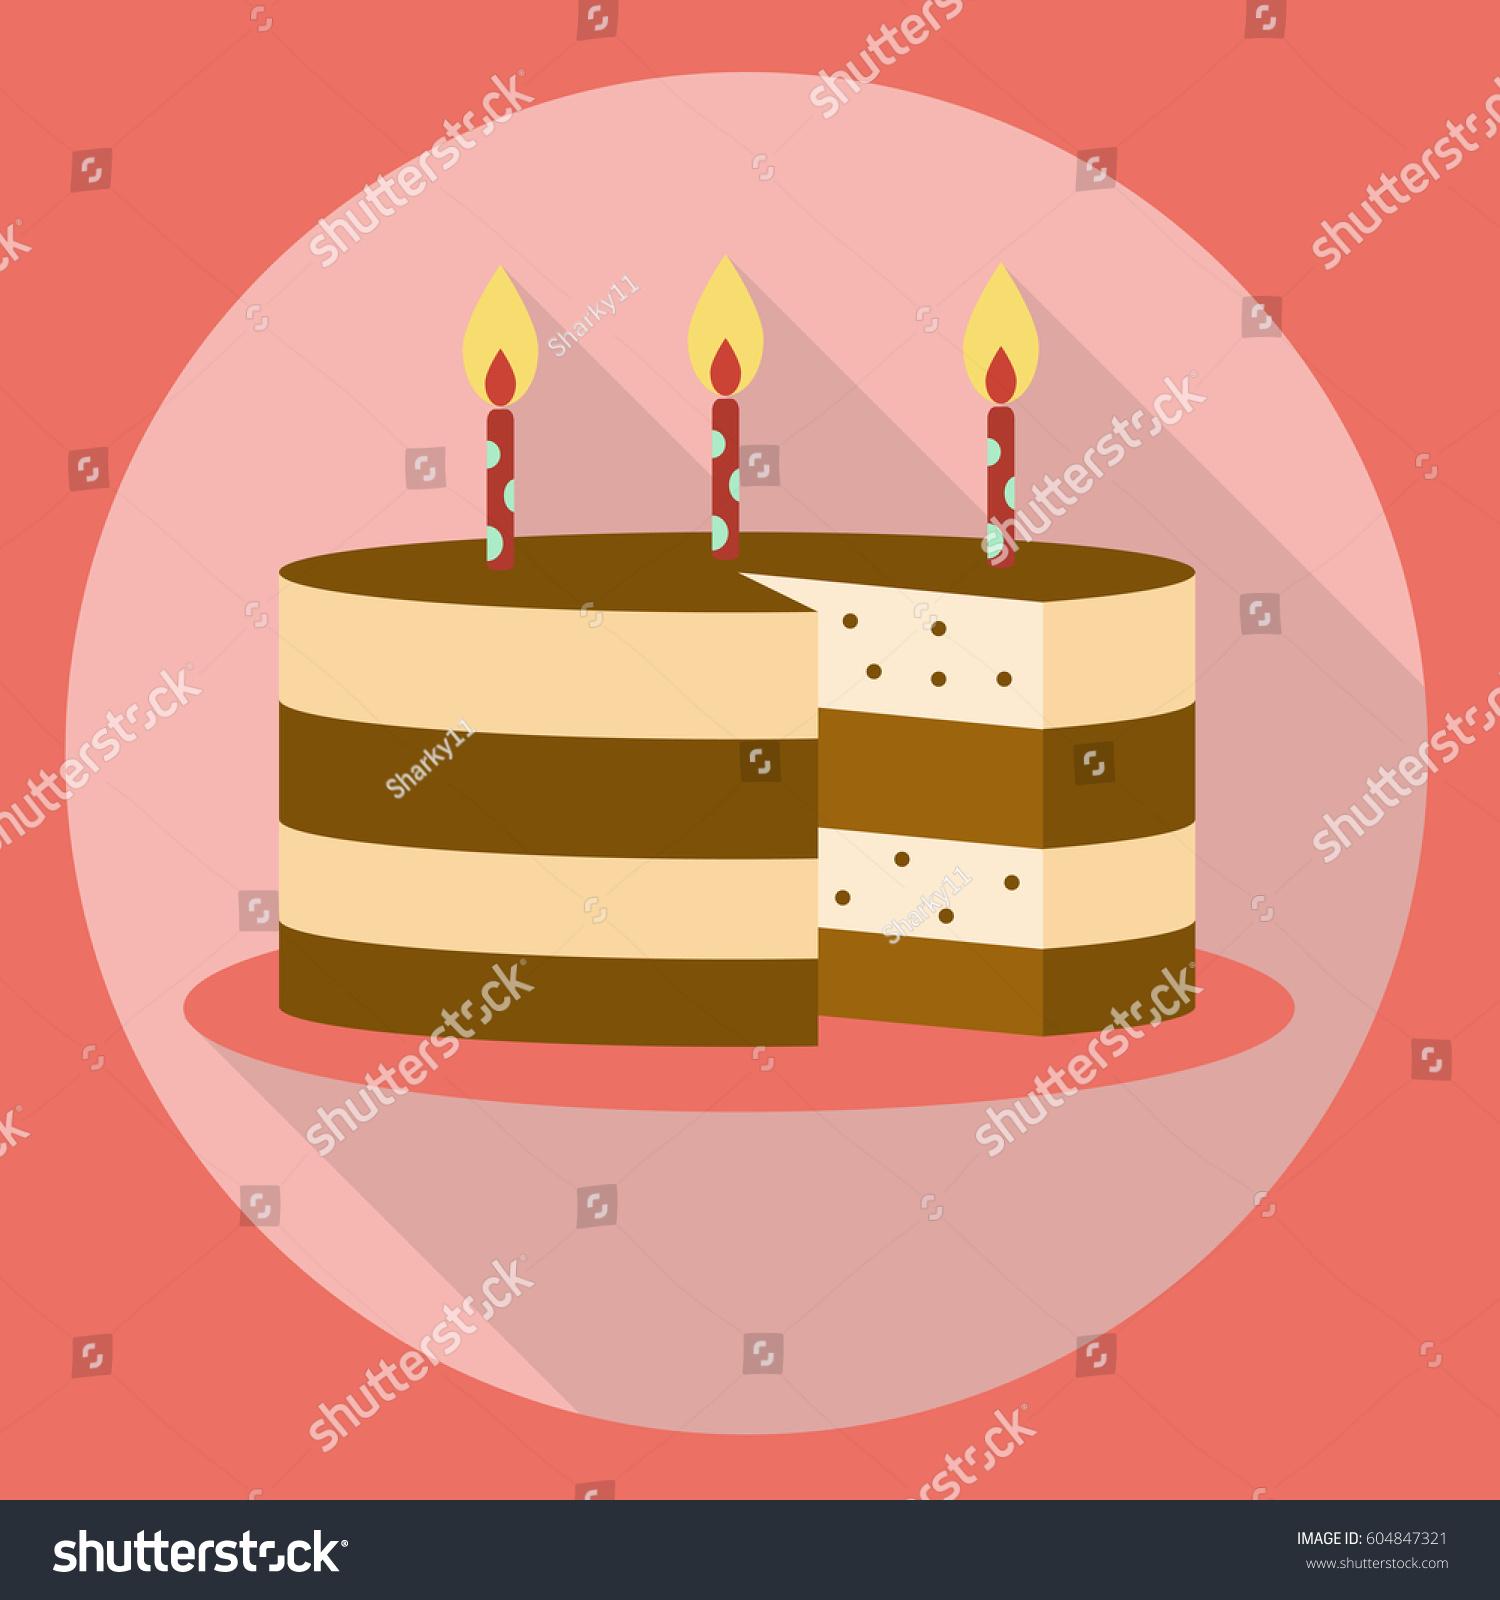 Birthday cake icon flat style long stock illustration 604847321 birthday cake icon flat style with long shadow cake symbol buycottarizona